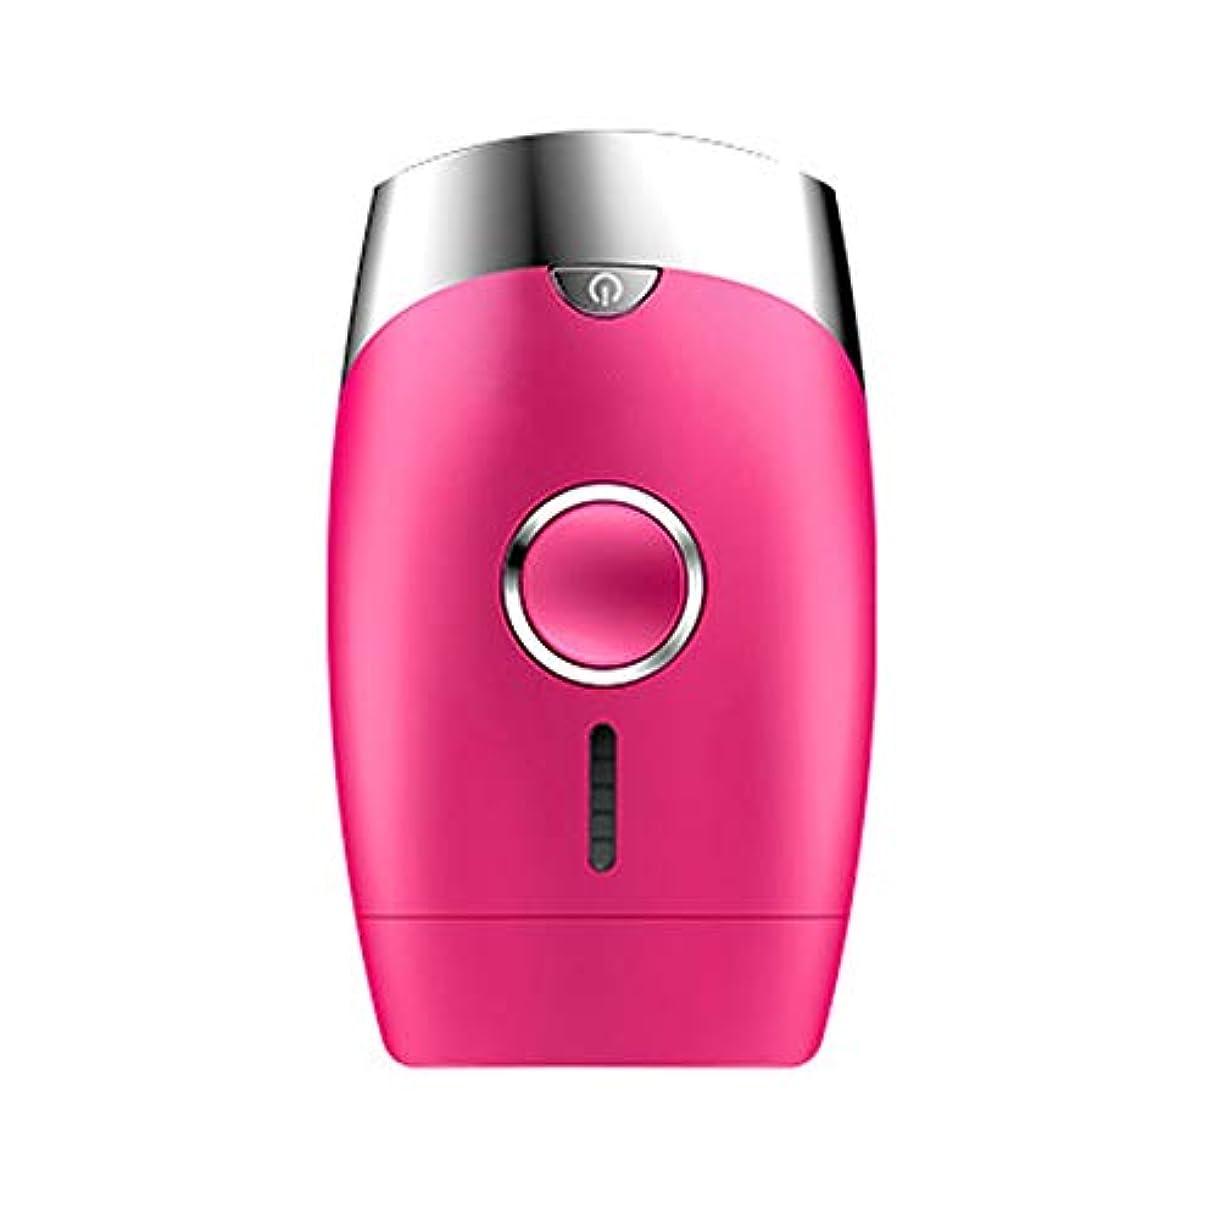 目覚める市町村子供時代ピンク、5スピード調整、インテリジェント家庭用痛みのない凝固点ヘアリムーバー、シングルフラッシュ/連続フラッシュ、サイズ13.9 X 8.3 X 4.8 Cm 髪以外はきれい (Color : Pink)